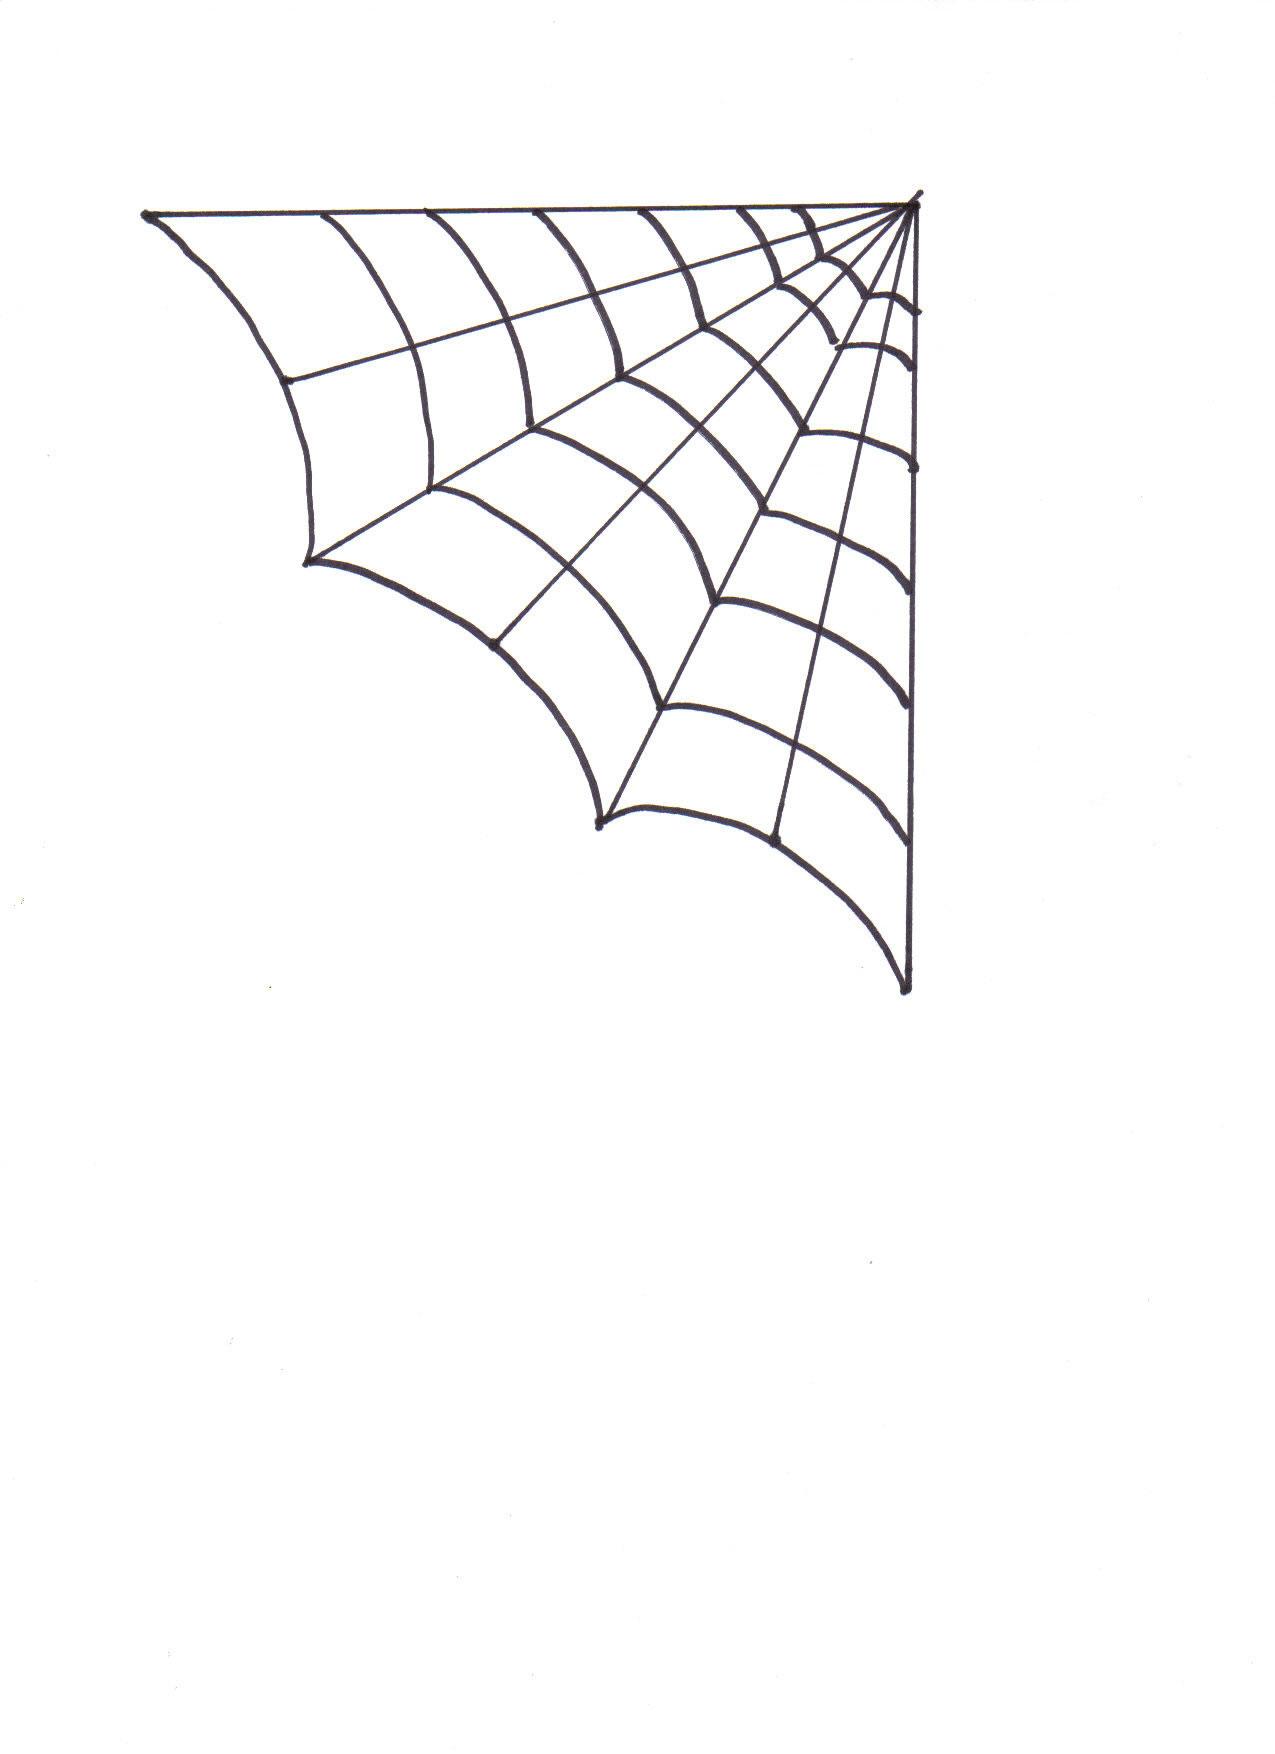 Corner Spider Web Images